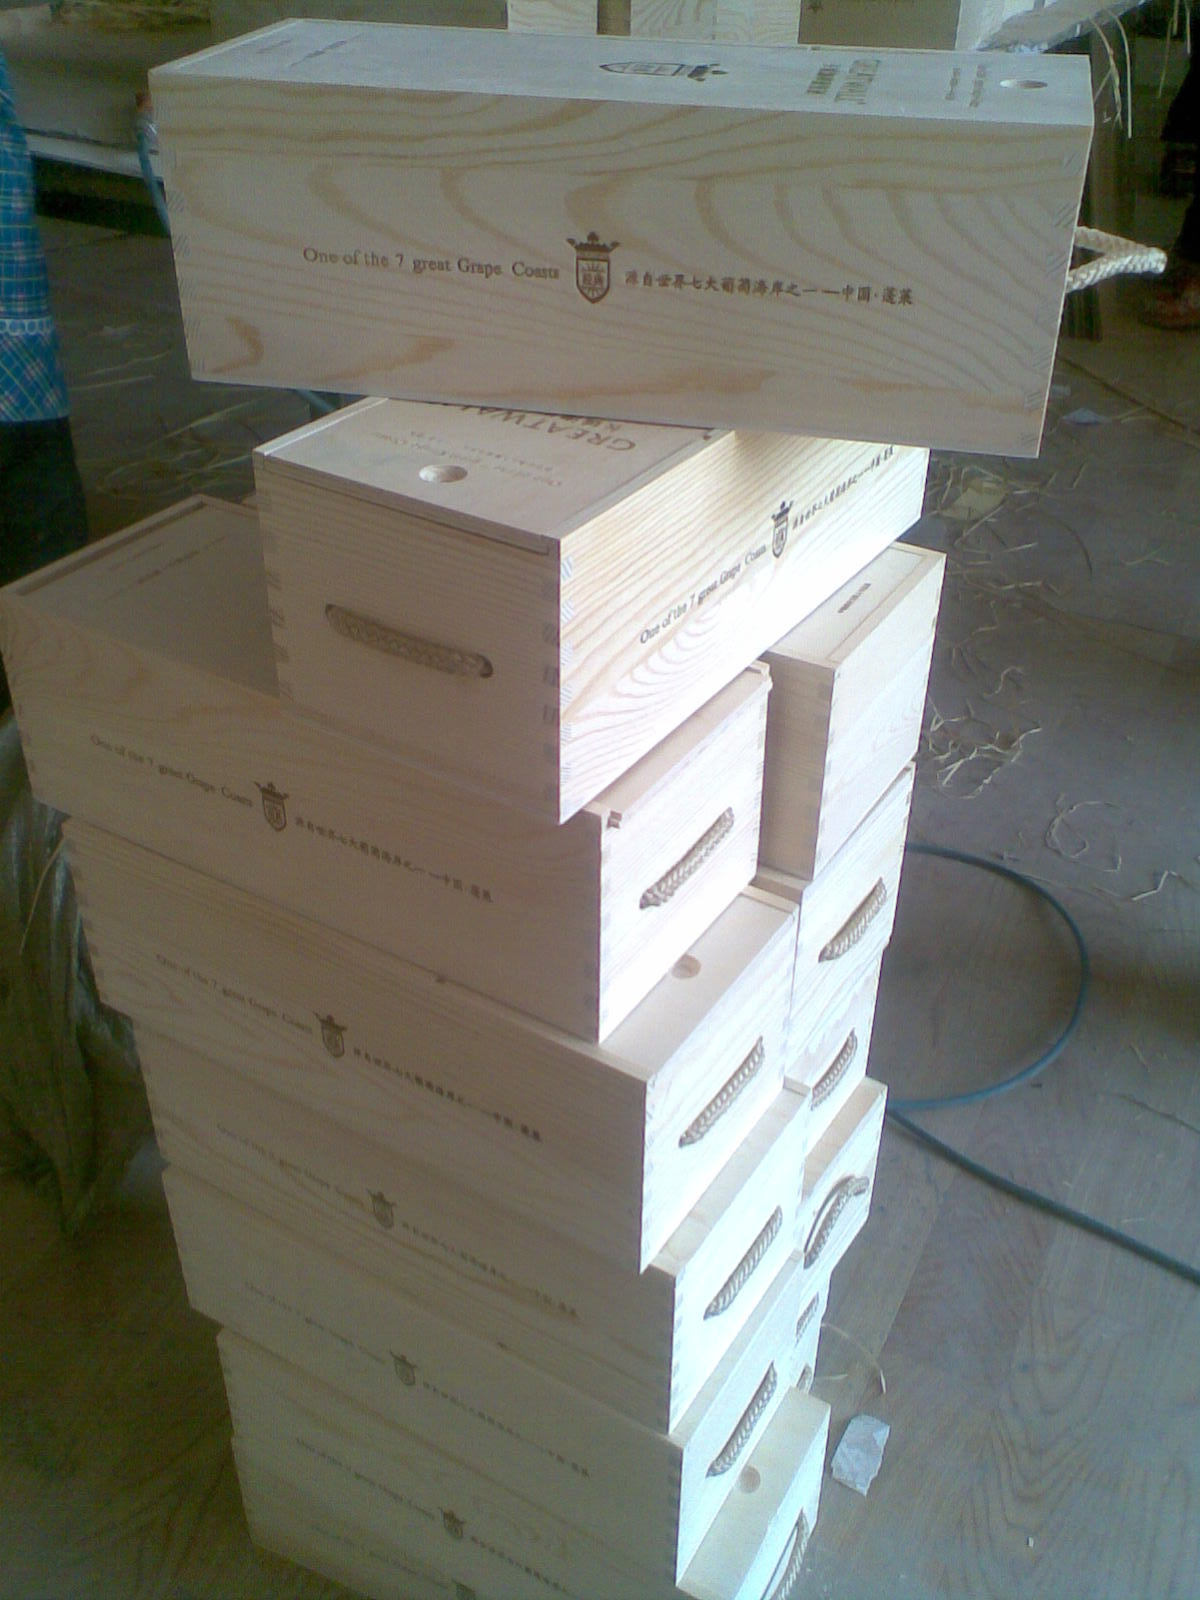 Vendita scatole di legno di pino per vino - Vendita tavole di legno ...